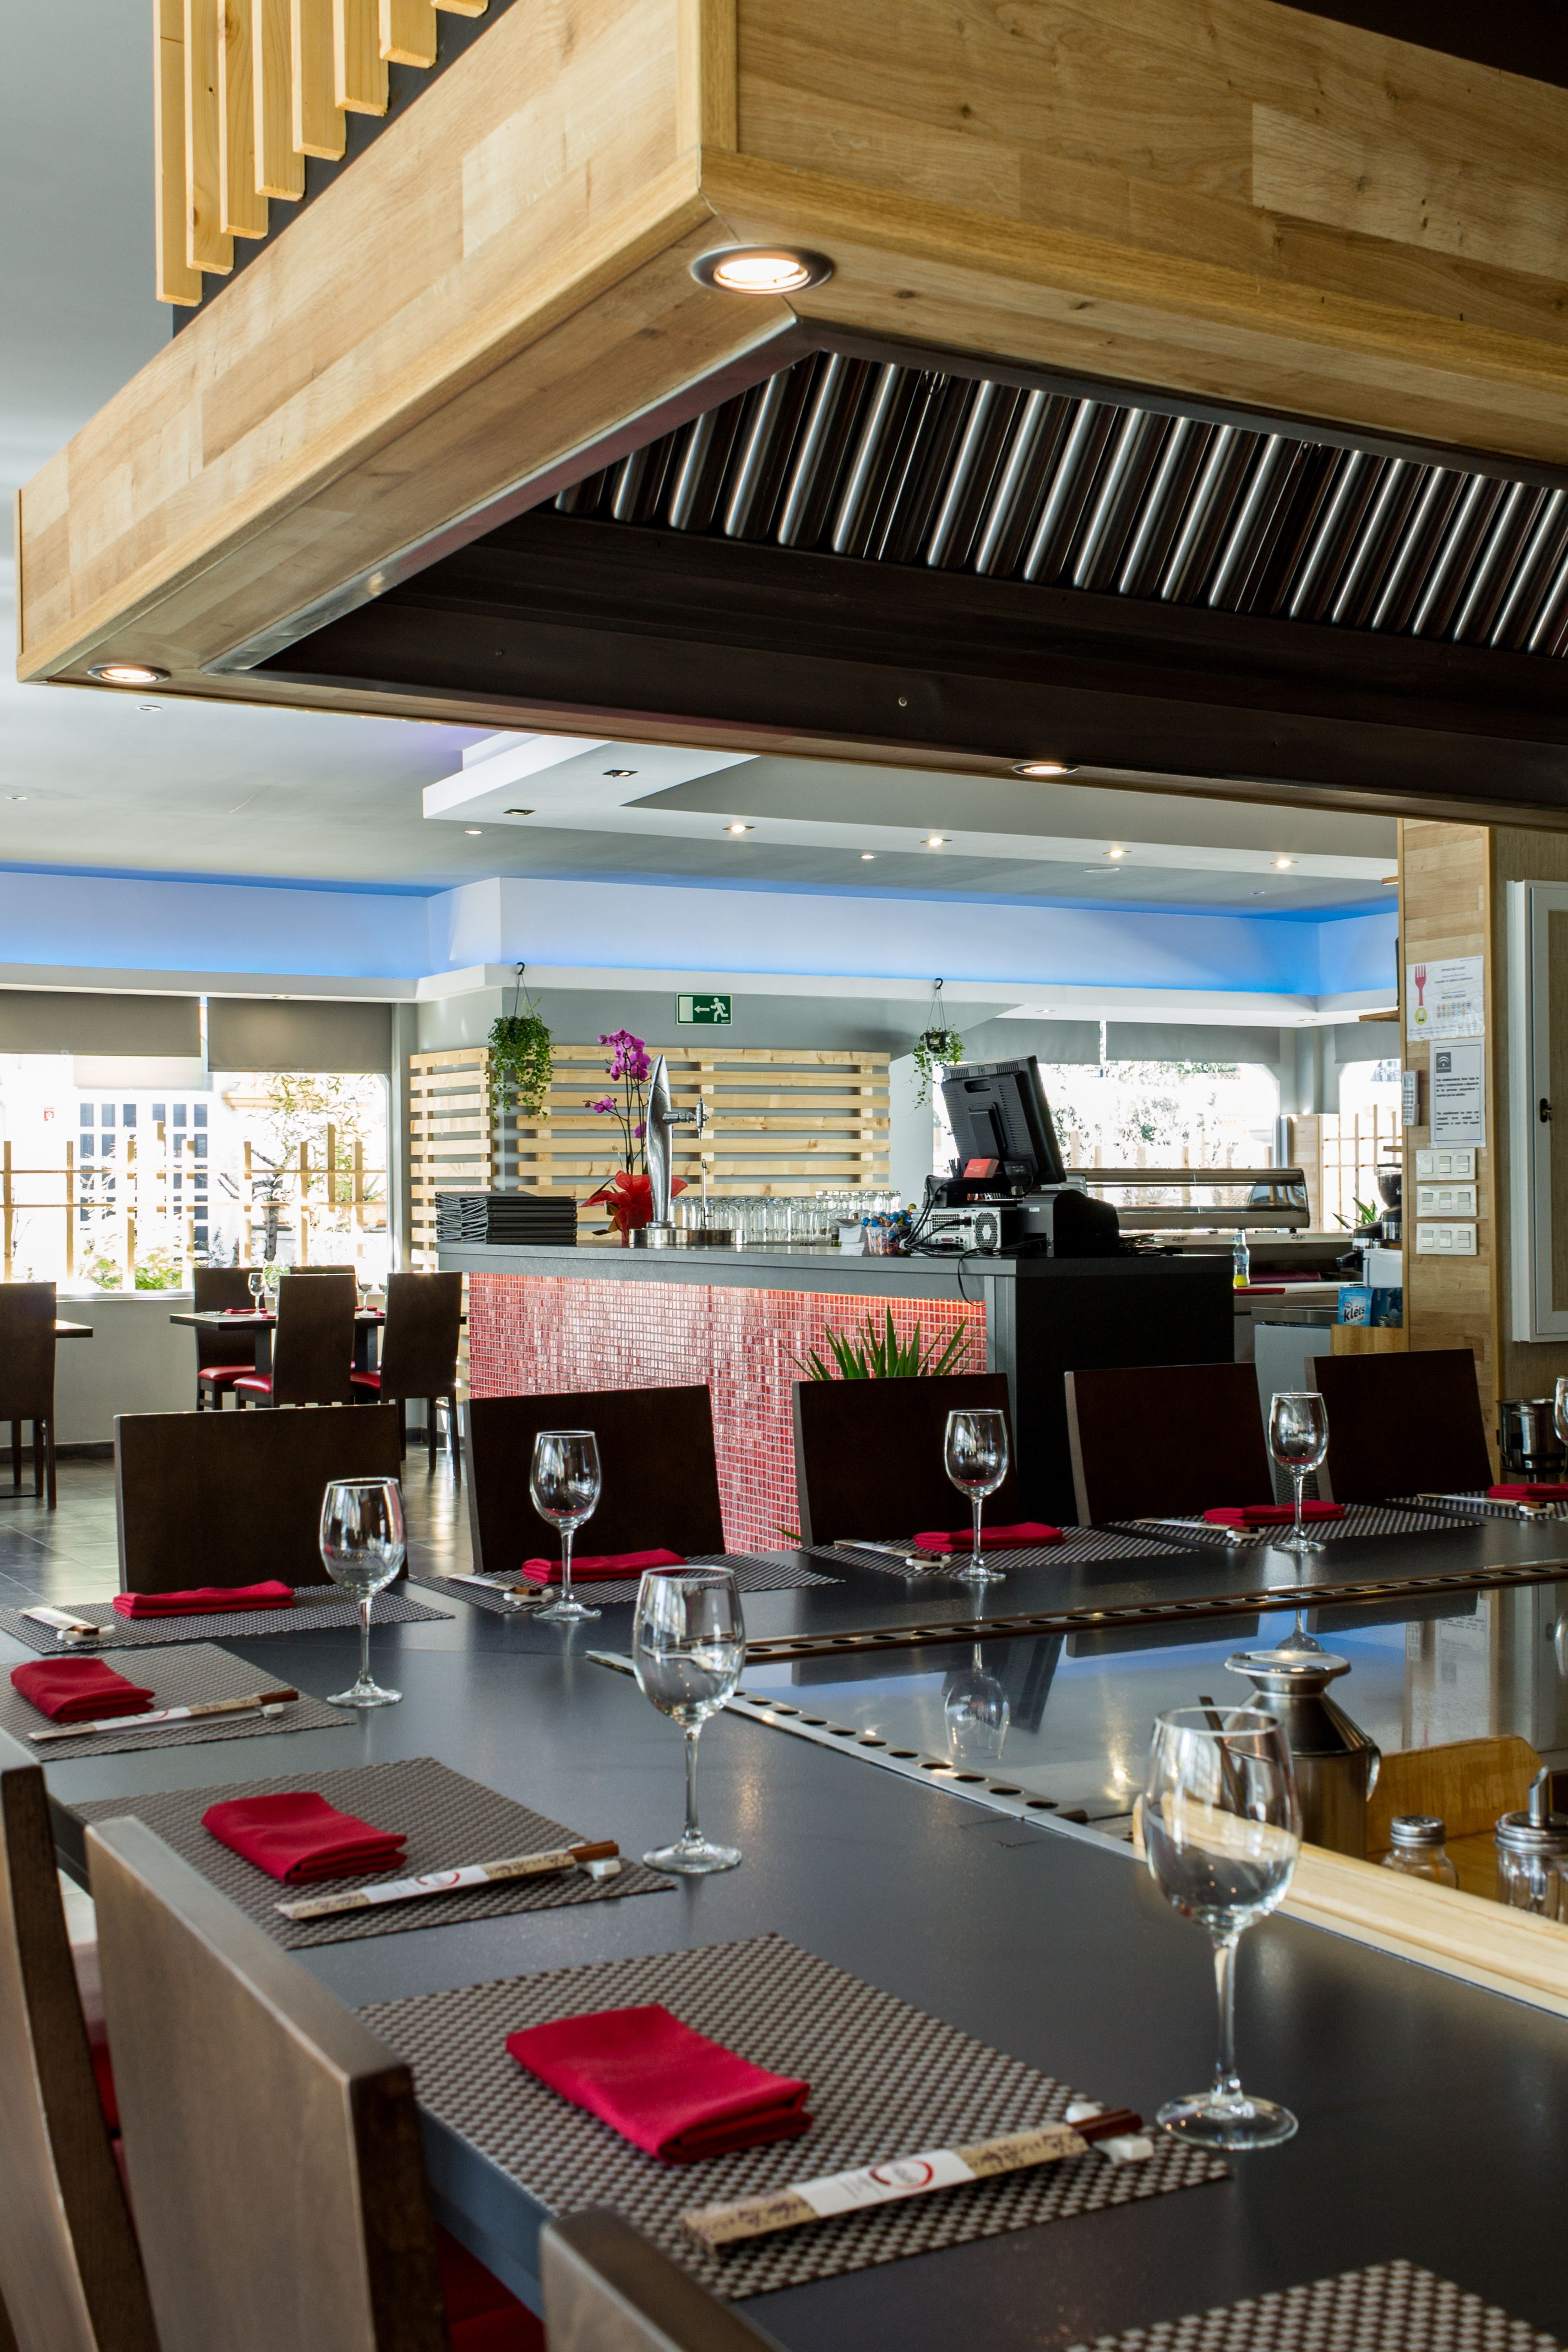 Foto 3 de Cocina japonesa en Fuengirola | Restaurante Teppanyaki Kazuki